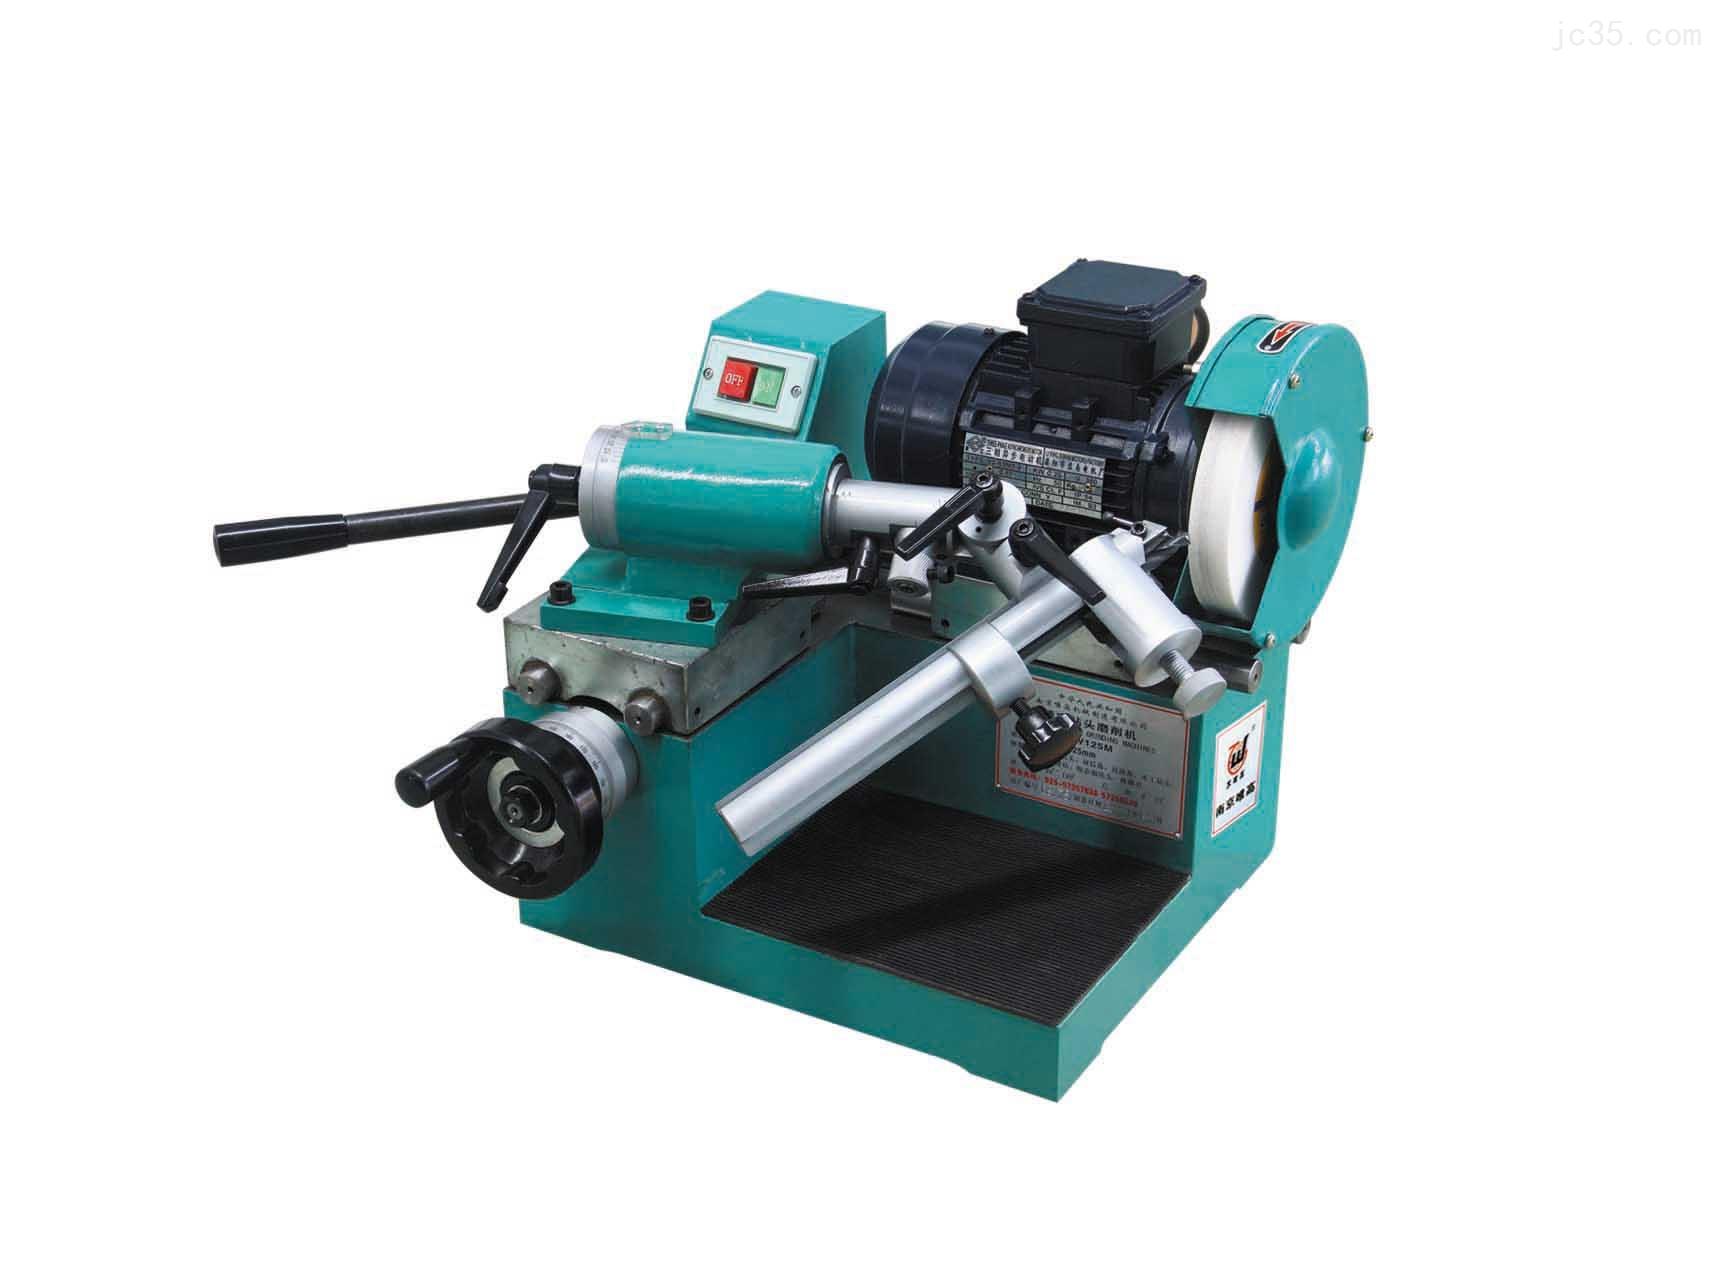 DW125M 钻头研磨机